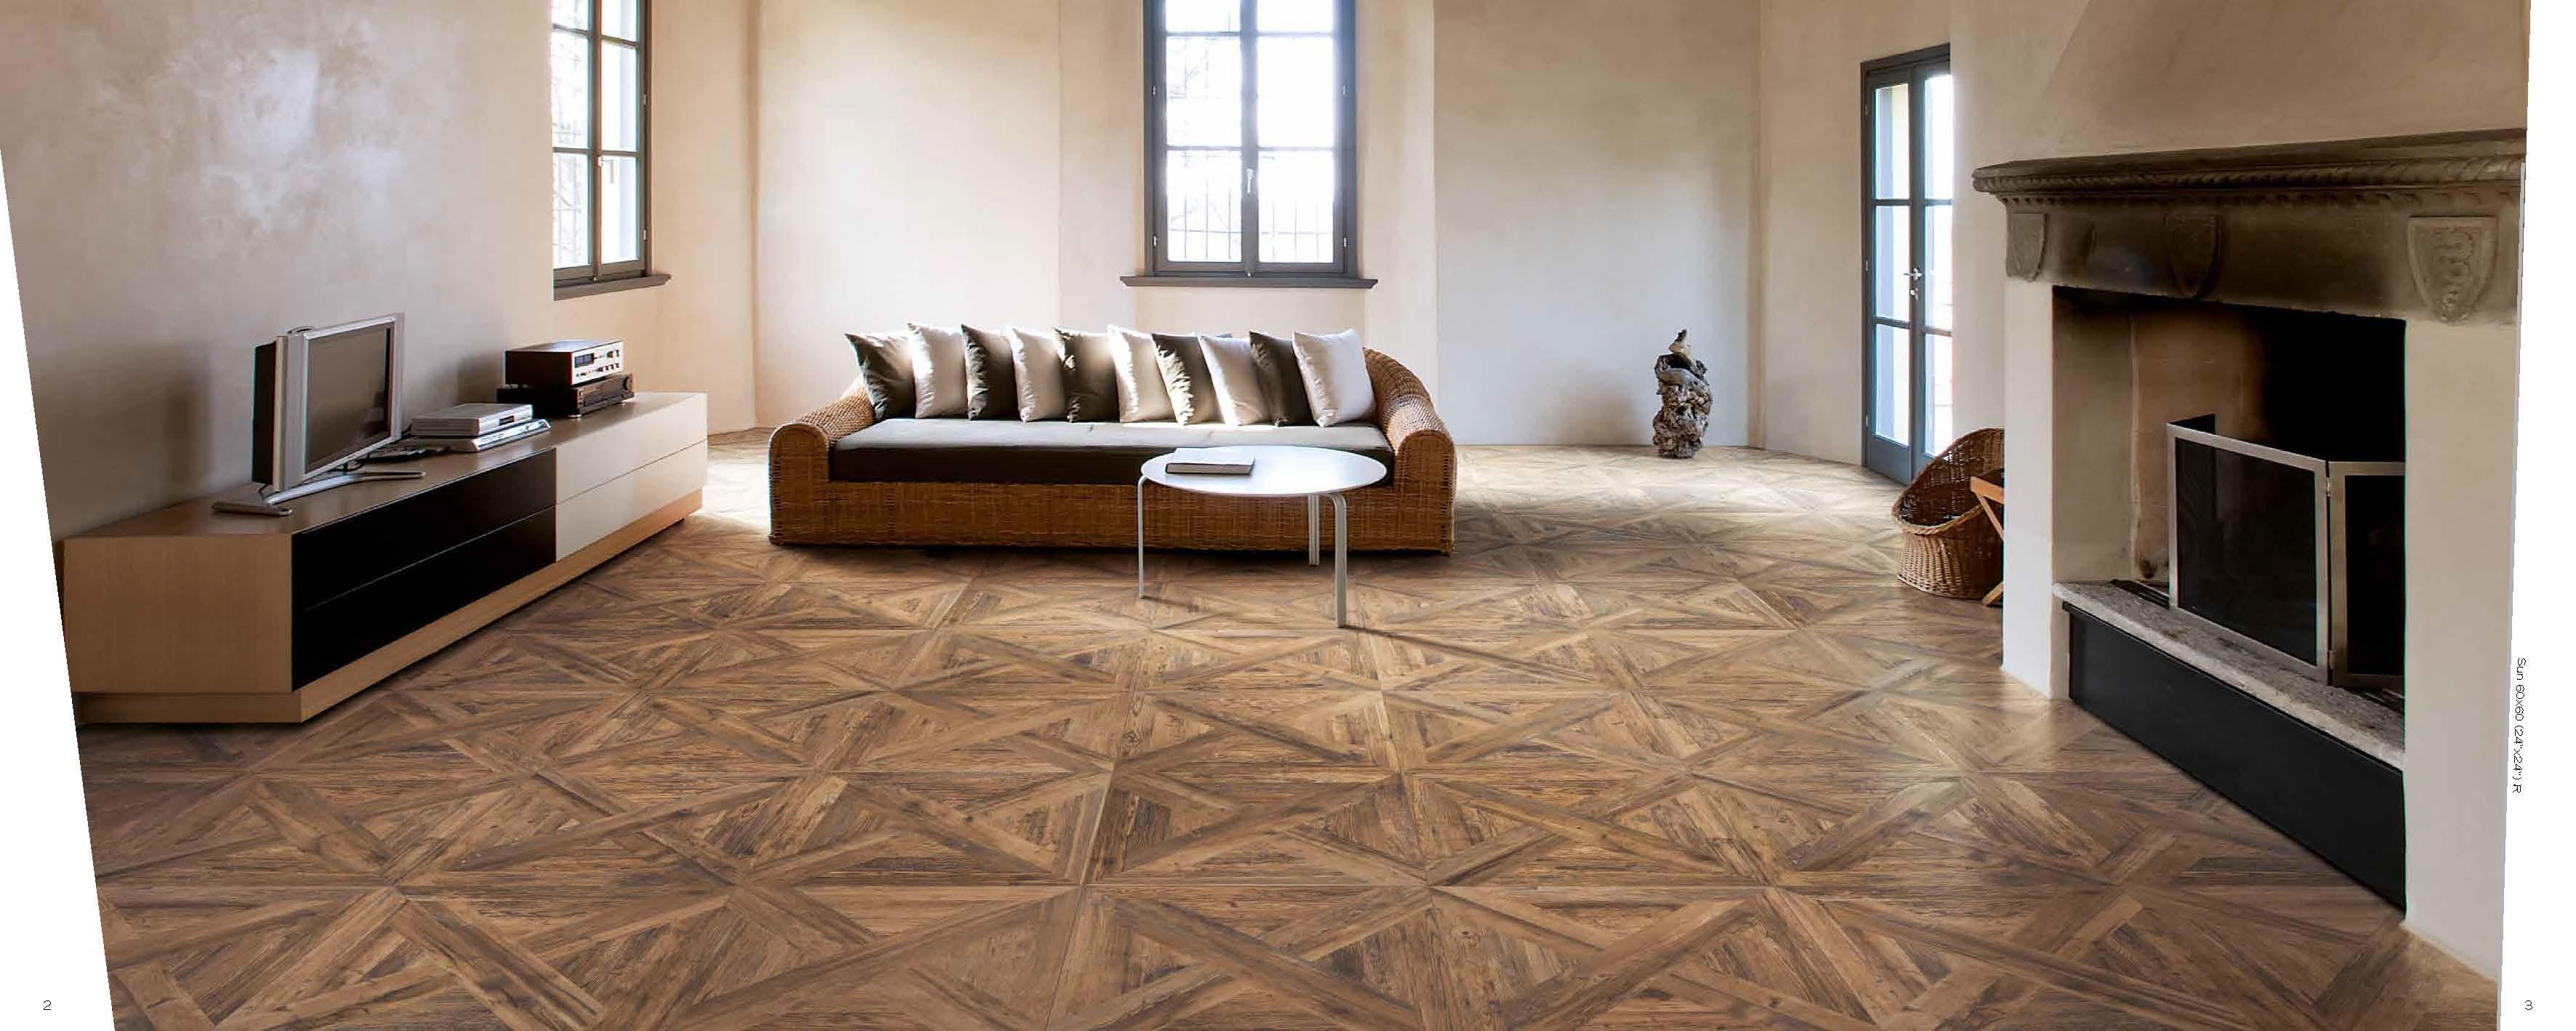 Latest Flooring Trend Wood Tile